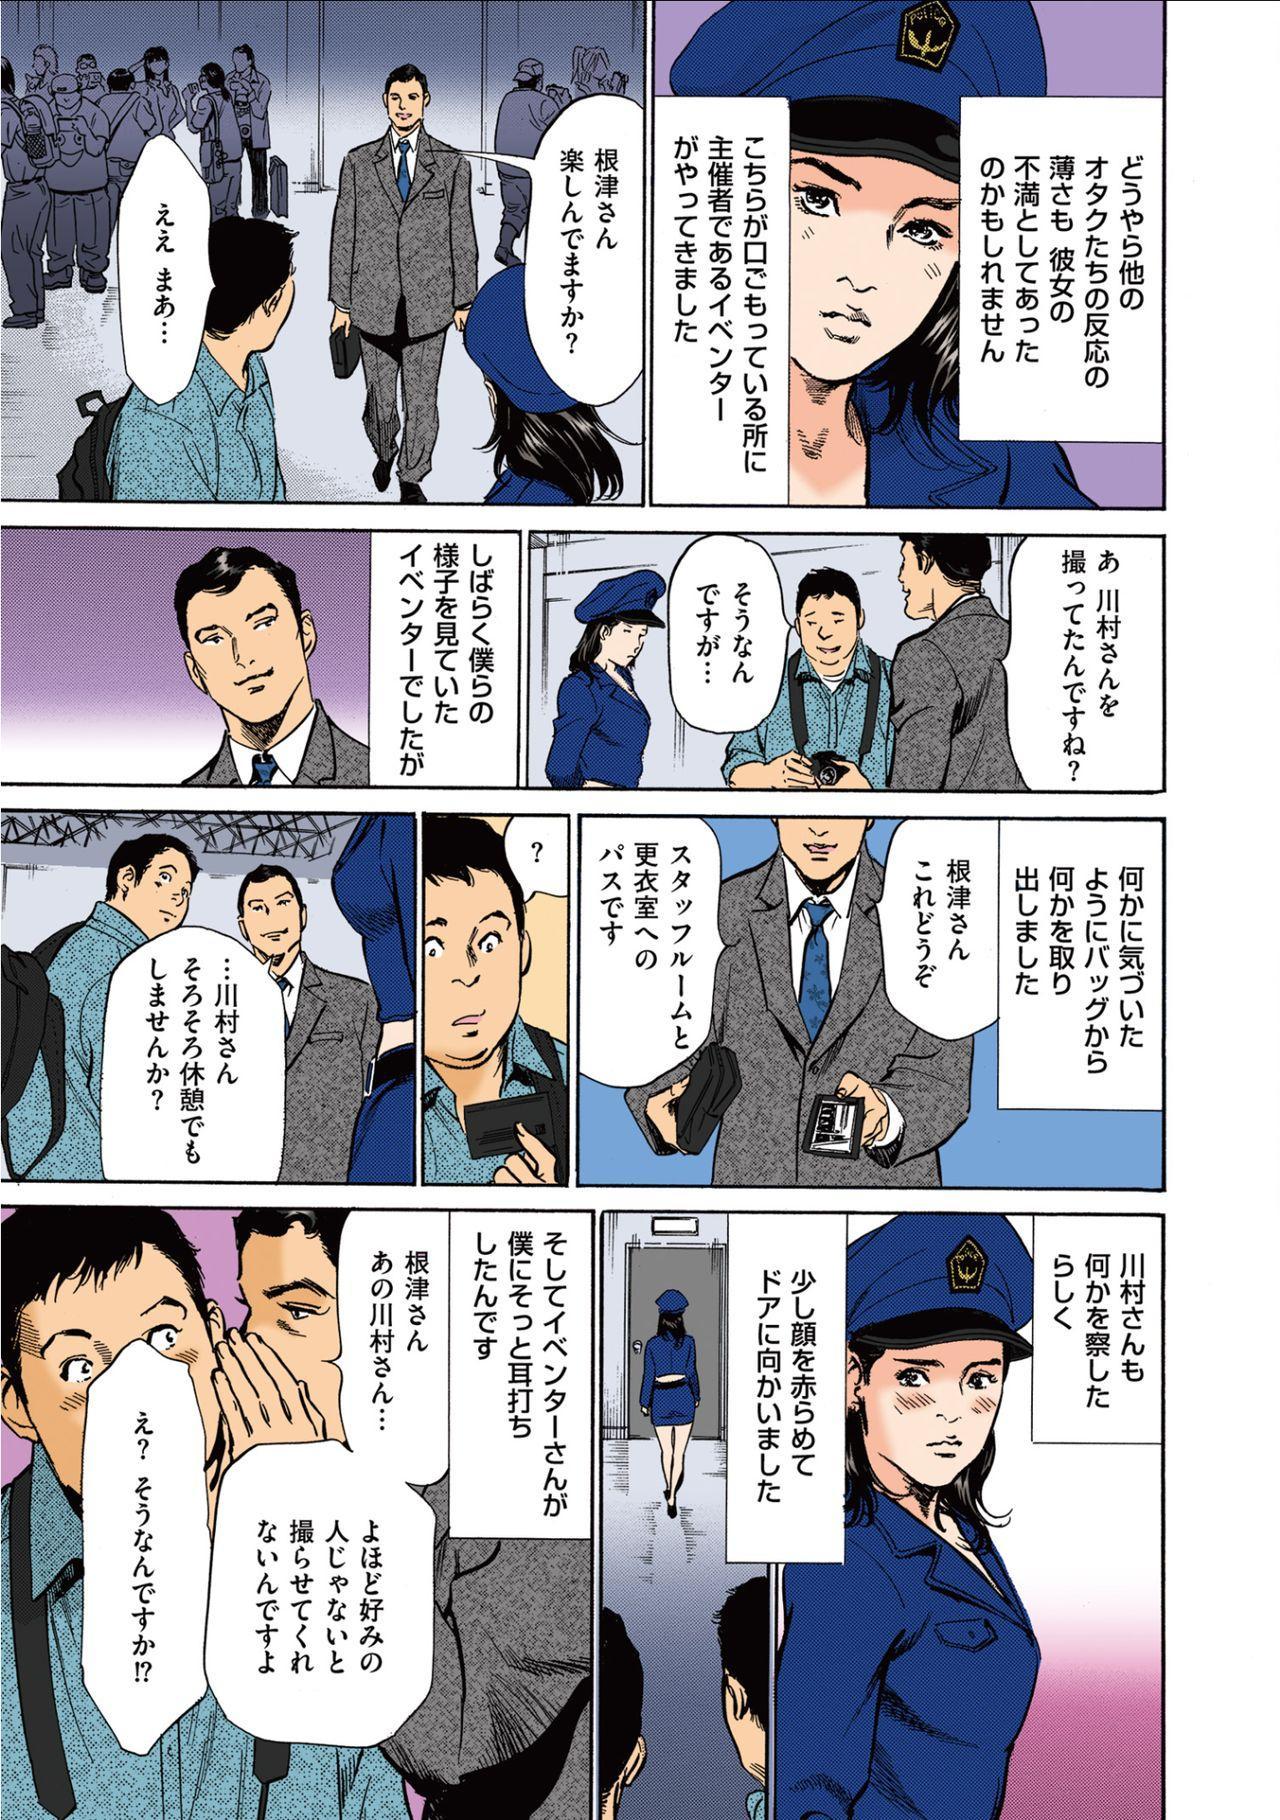 [Hazuki Kaoru] Hazuki Kaoru no Tamaranai Hanashi (Full Color Version) 1-2 56